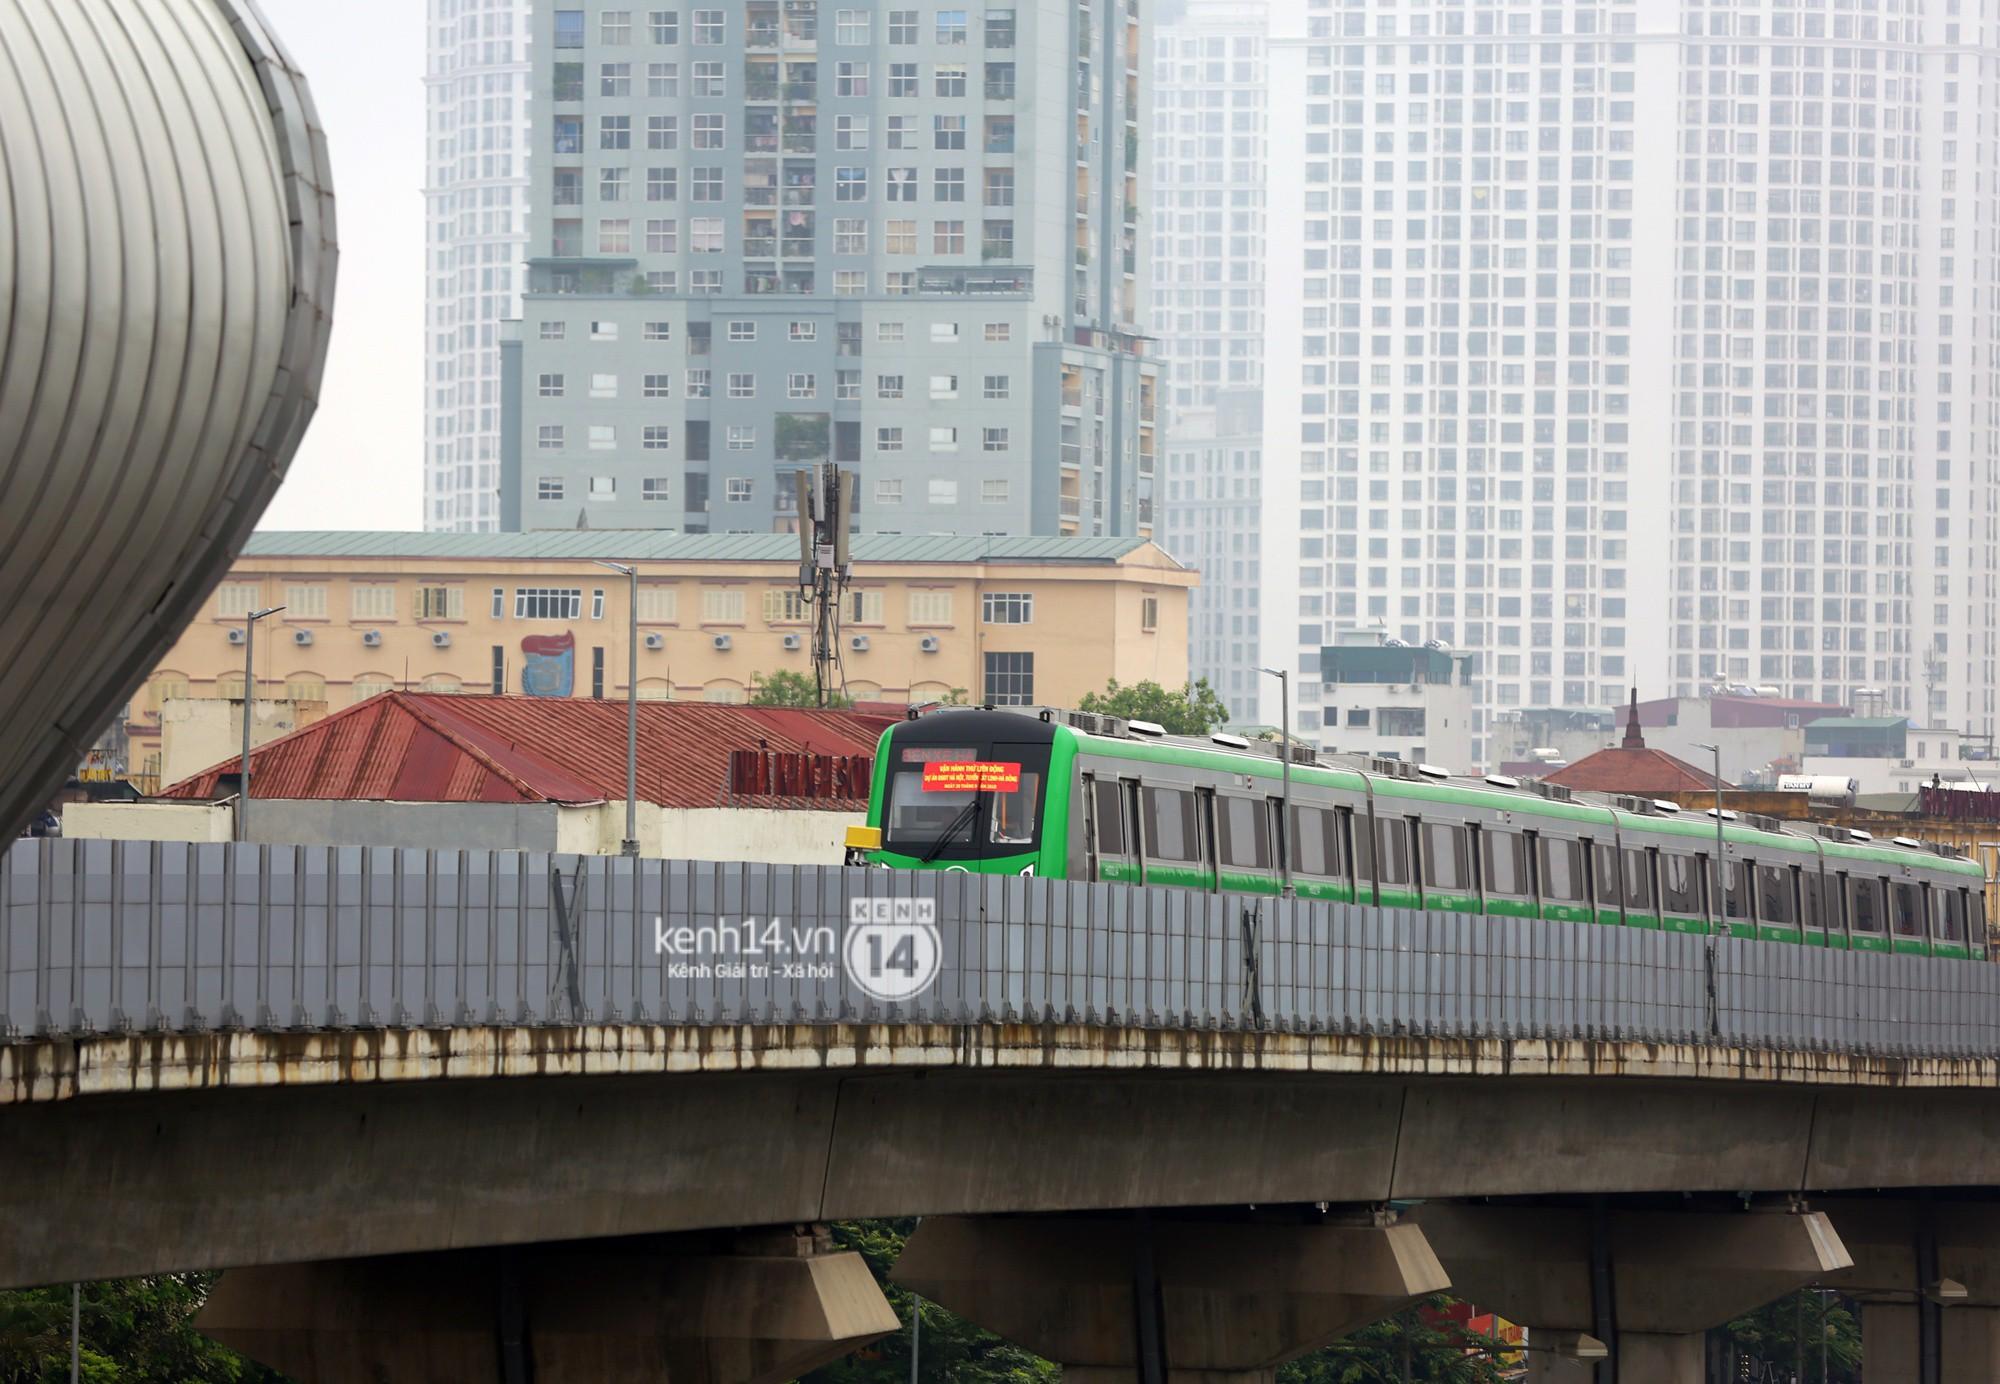 4 đoàn tàu đường sắt trên cao bất ngờ di chuyển trong mưa trước ngày chạy thử-11